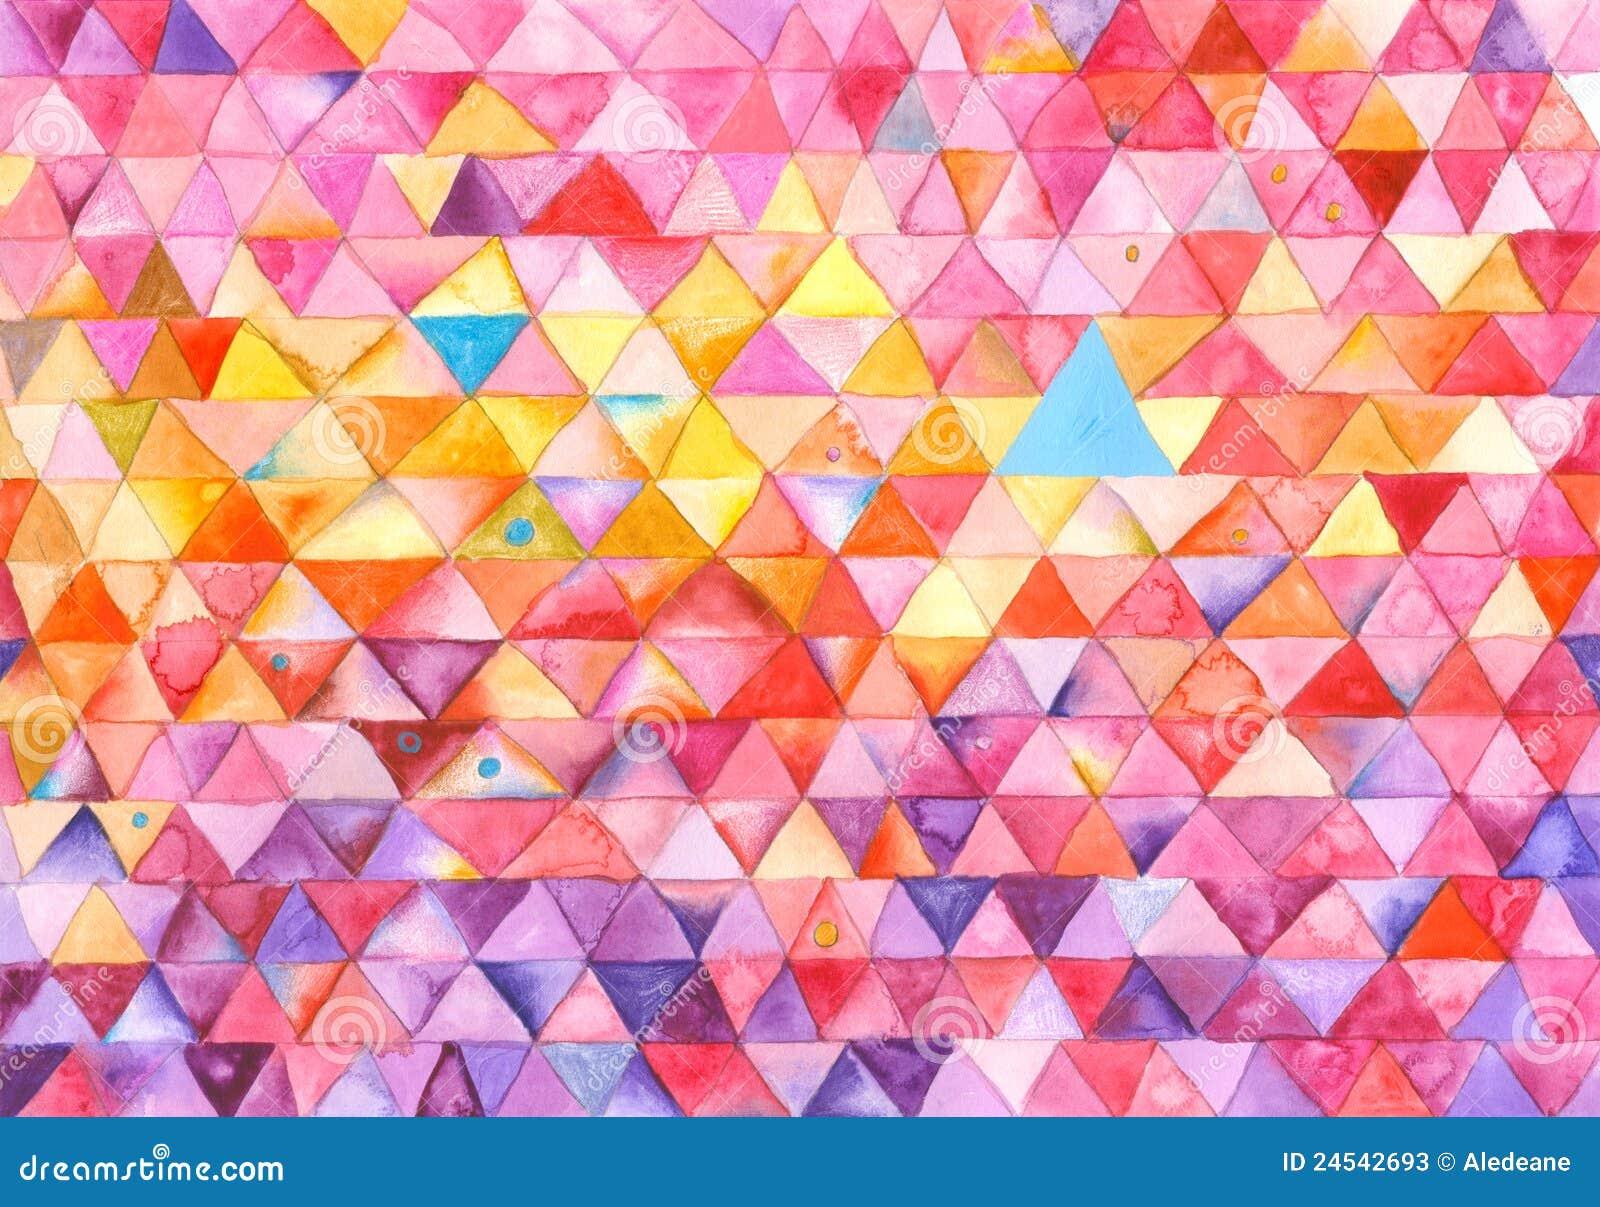 het kleurrijke schilderen van driehoeken stock foto 39 s afbeelding 24542693. Black Bedroom Furniture Sets. Home Design Ideas